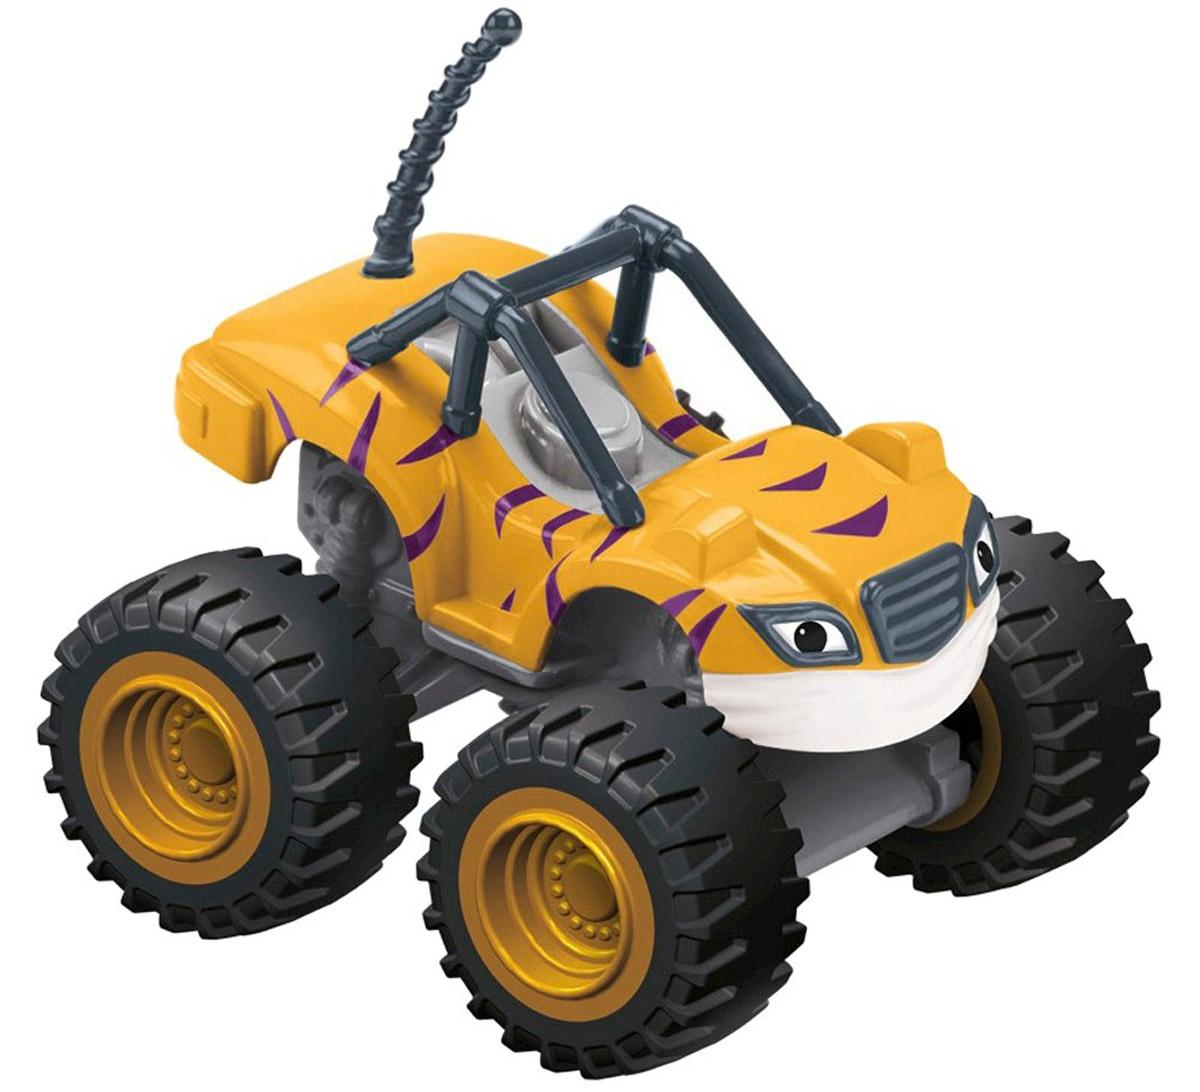 Blaze Машинка ПолосатикCGH56_GH10, CGF20Машинка Blaze Полосатик выполнена из металла и пластика в виде героя популярного мультсериала Вспыш и чудо-машинки. У этого мультяшного монстр-трака широкие колеса и яркий полосатый кузов. Колеса машинки обладают свободным ходом, кузов выполнен из литого металла. Машинка свободно катается по любым поверхностям и легко повторяет трюки из мультфильма. Вспыш и чудо-машинки - история про Эй-Джея, восьмилетнего любителя техники, который водит пикап по имени Блейз (Вспыш), побеждающий на всех гонках в Аксель-Сити. Они вместе отправляются в приключения, требующие знания физики и математики. Их ждет множество трудностей от главного соперника Блейза (Вспыша) - Крашера (Крушила), грузовика, который готов пойти на всё, чтобы быть на финише первым.